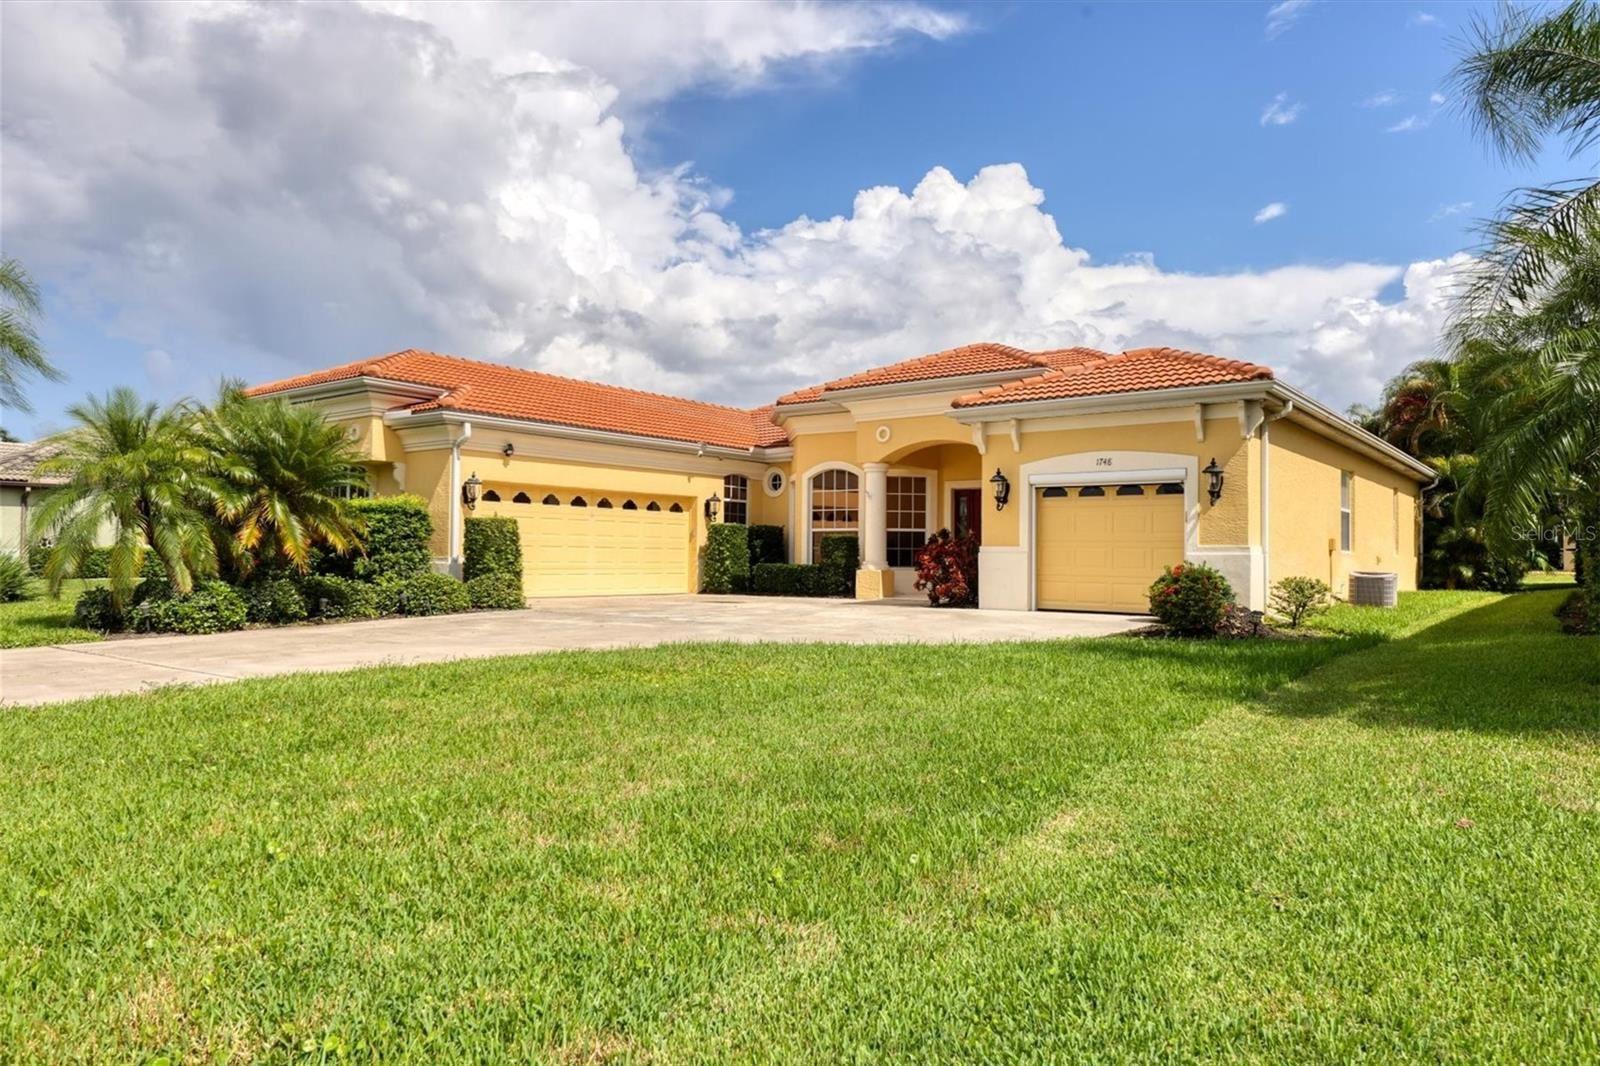 1748 PALMETTO PALM WAY, North Port, FL 34288 - #: N6117692